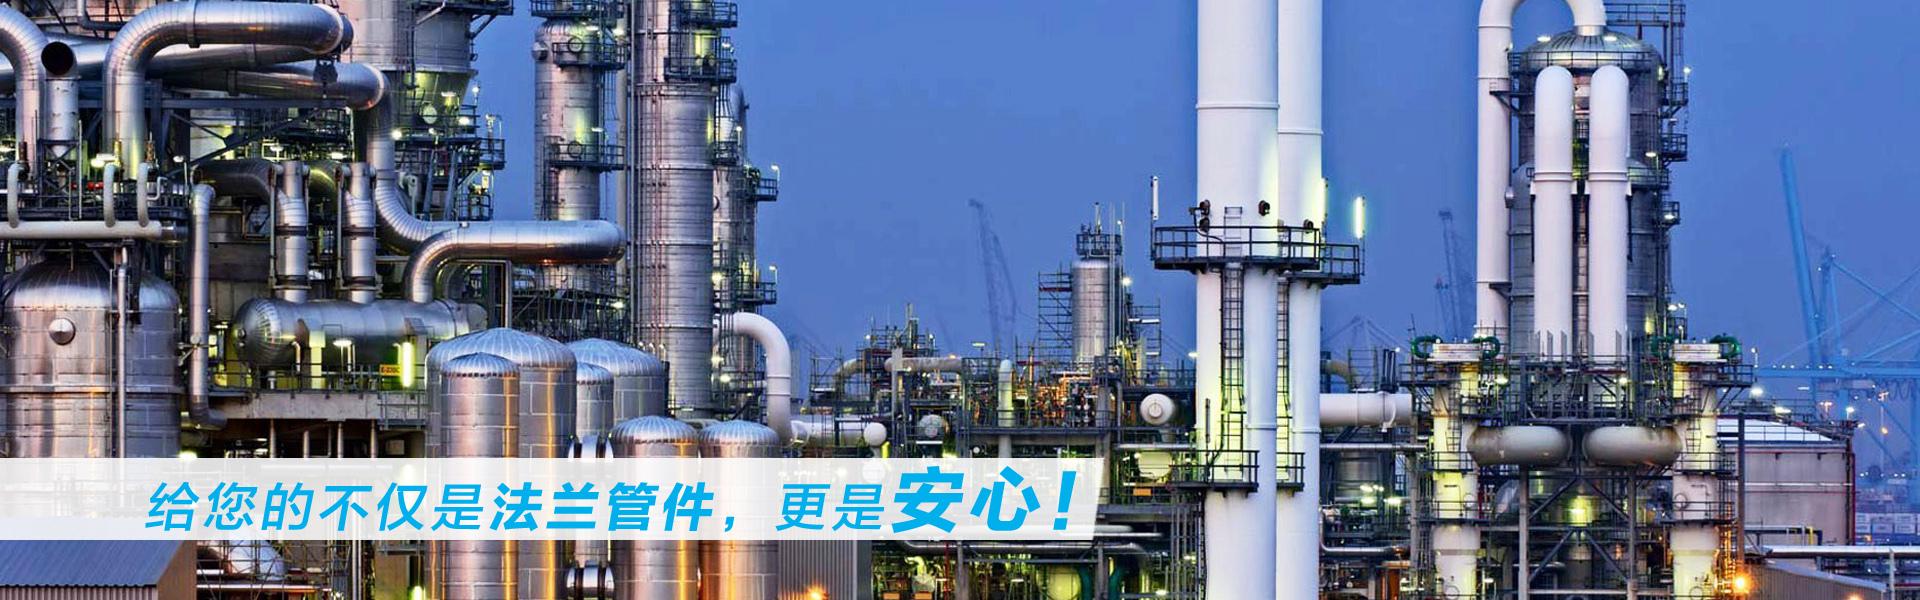 肇庆市高要新中石化管道配件有限公司属特种设备行业协会会员单位,联系方式0758-8178335,13580646481黄小姐,欢迎您的到来!